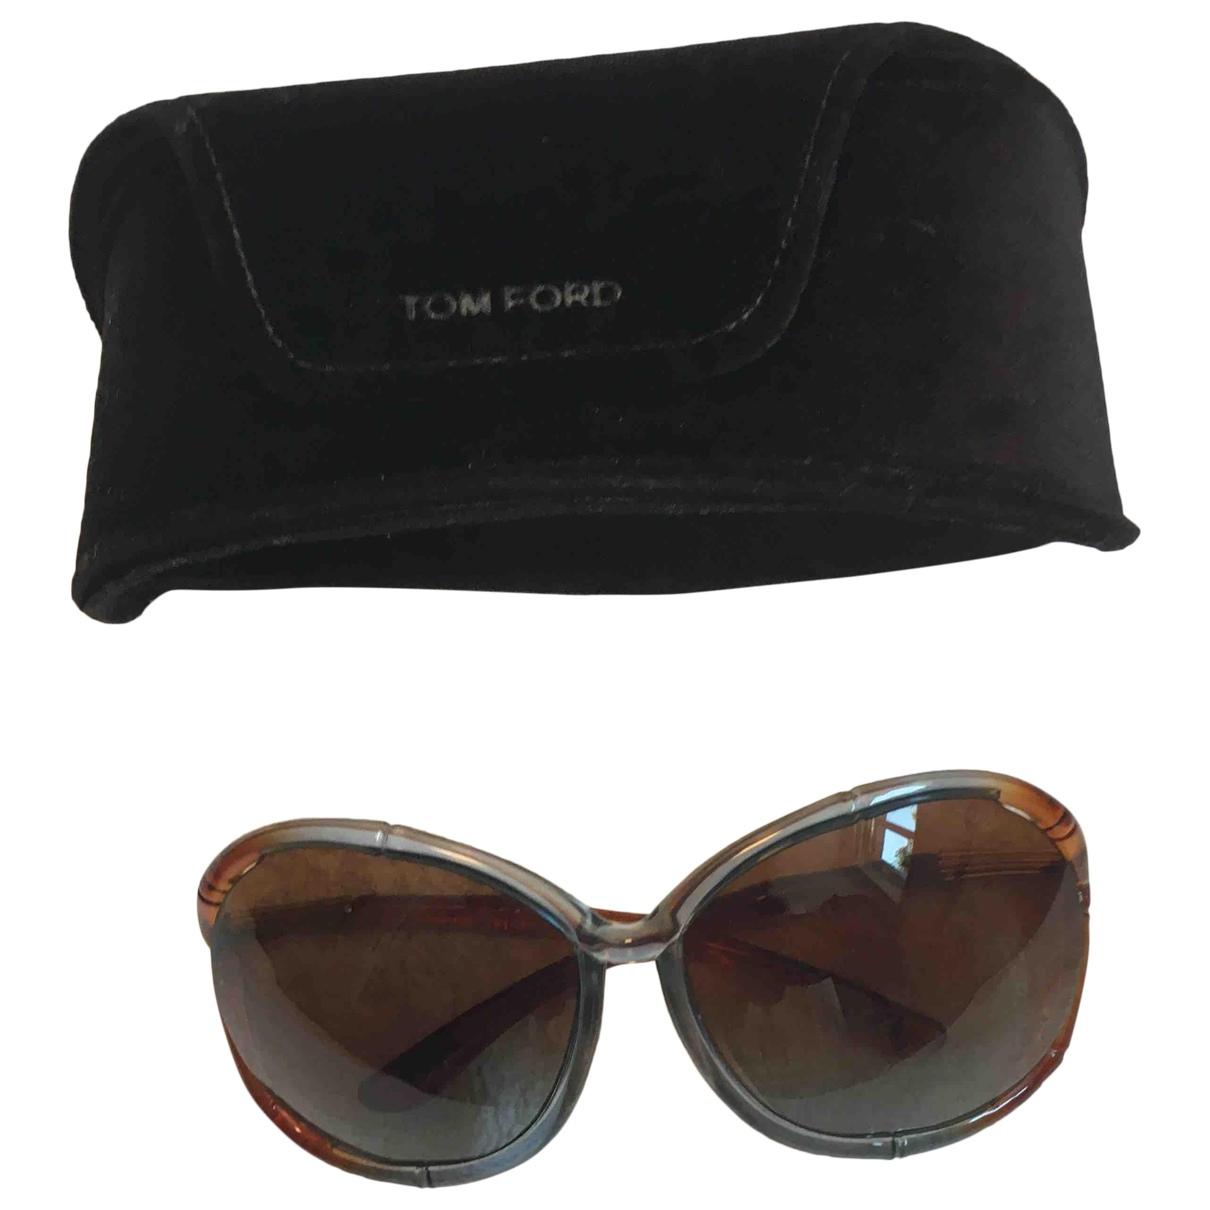 Tom Ford - Lunettes   pour femme - marron